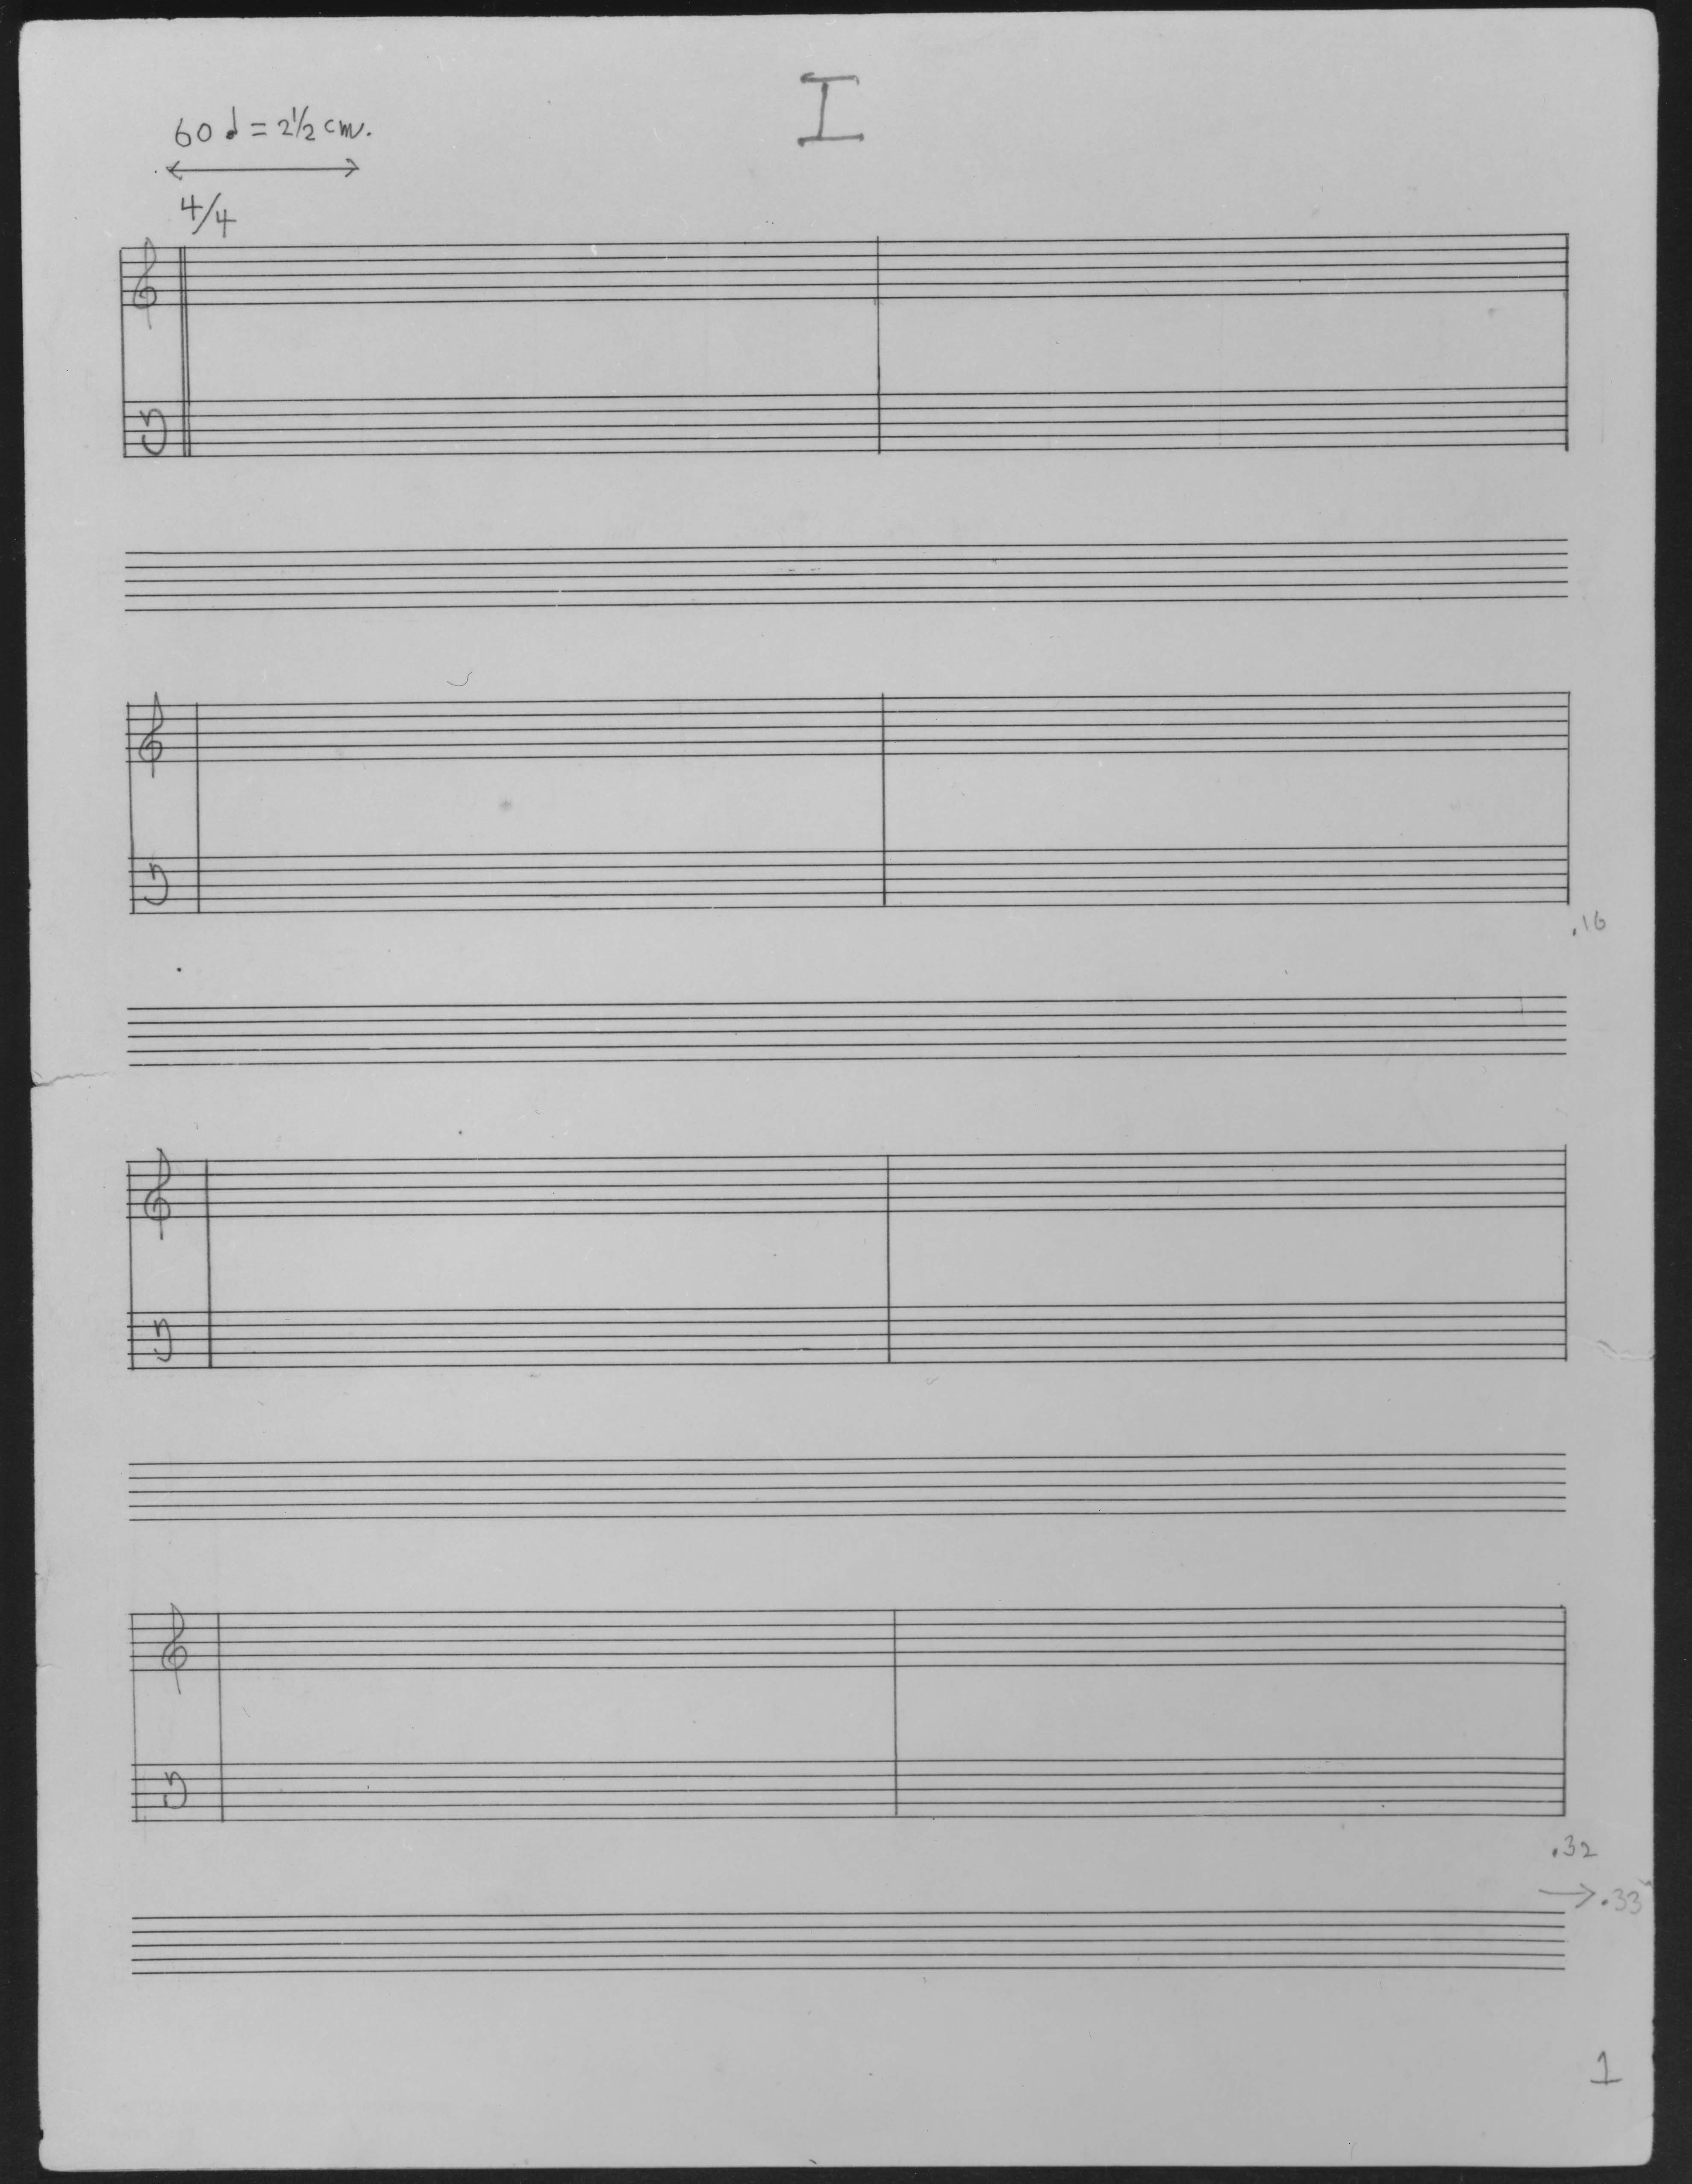 John Cage's art of noise.